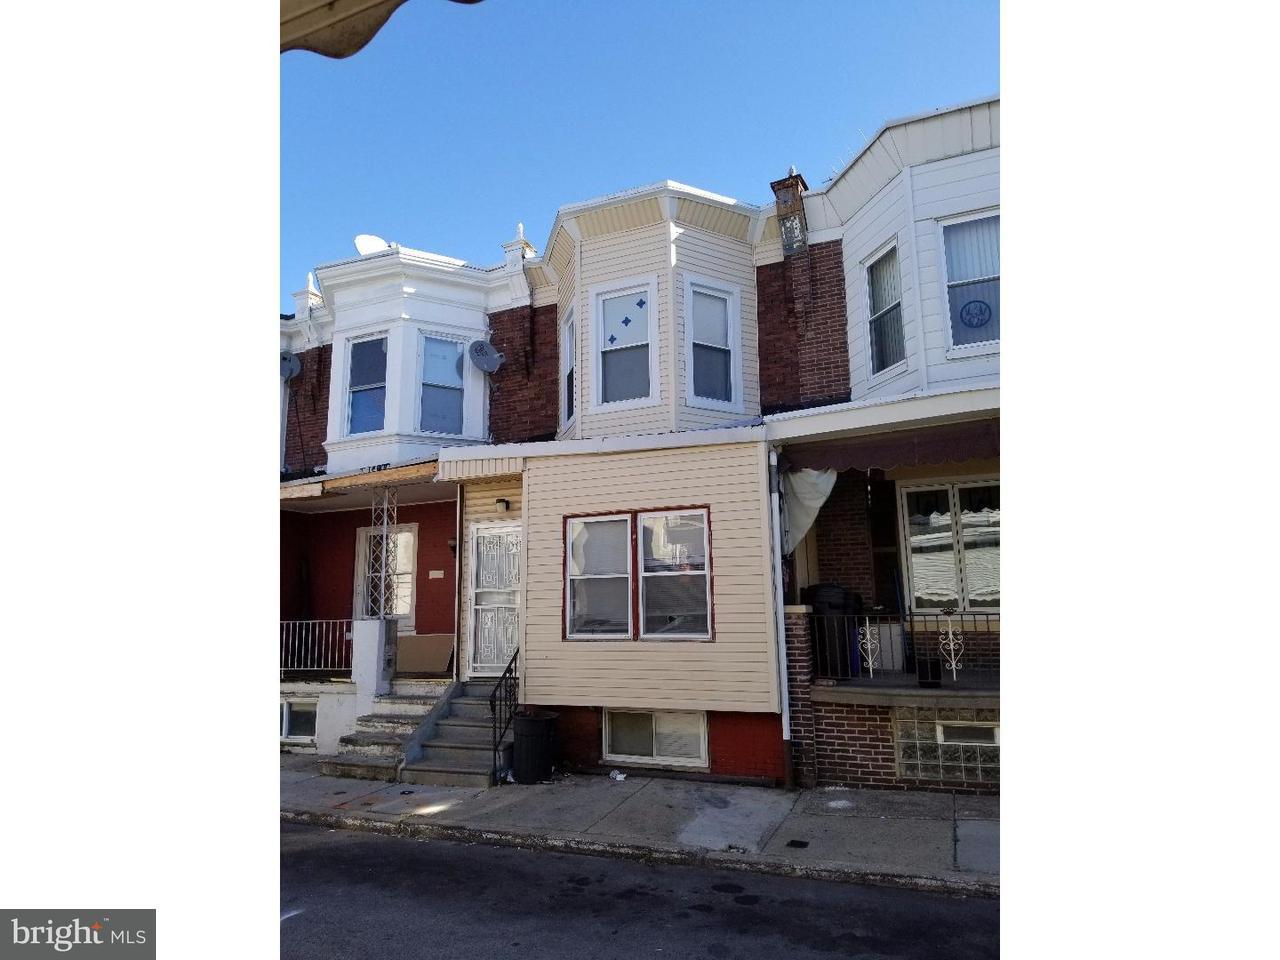 153 N Peach Philadelphia , PA 19139